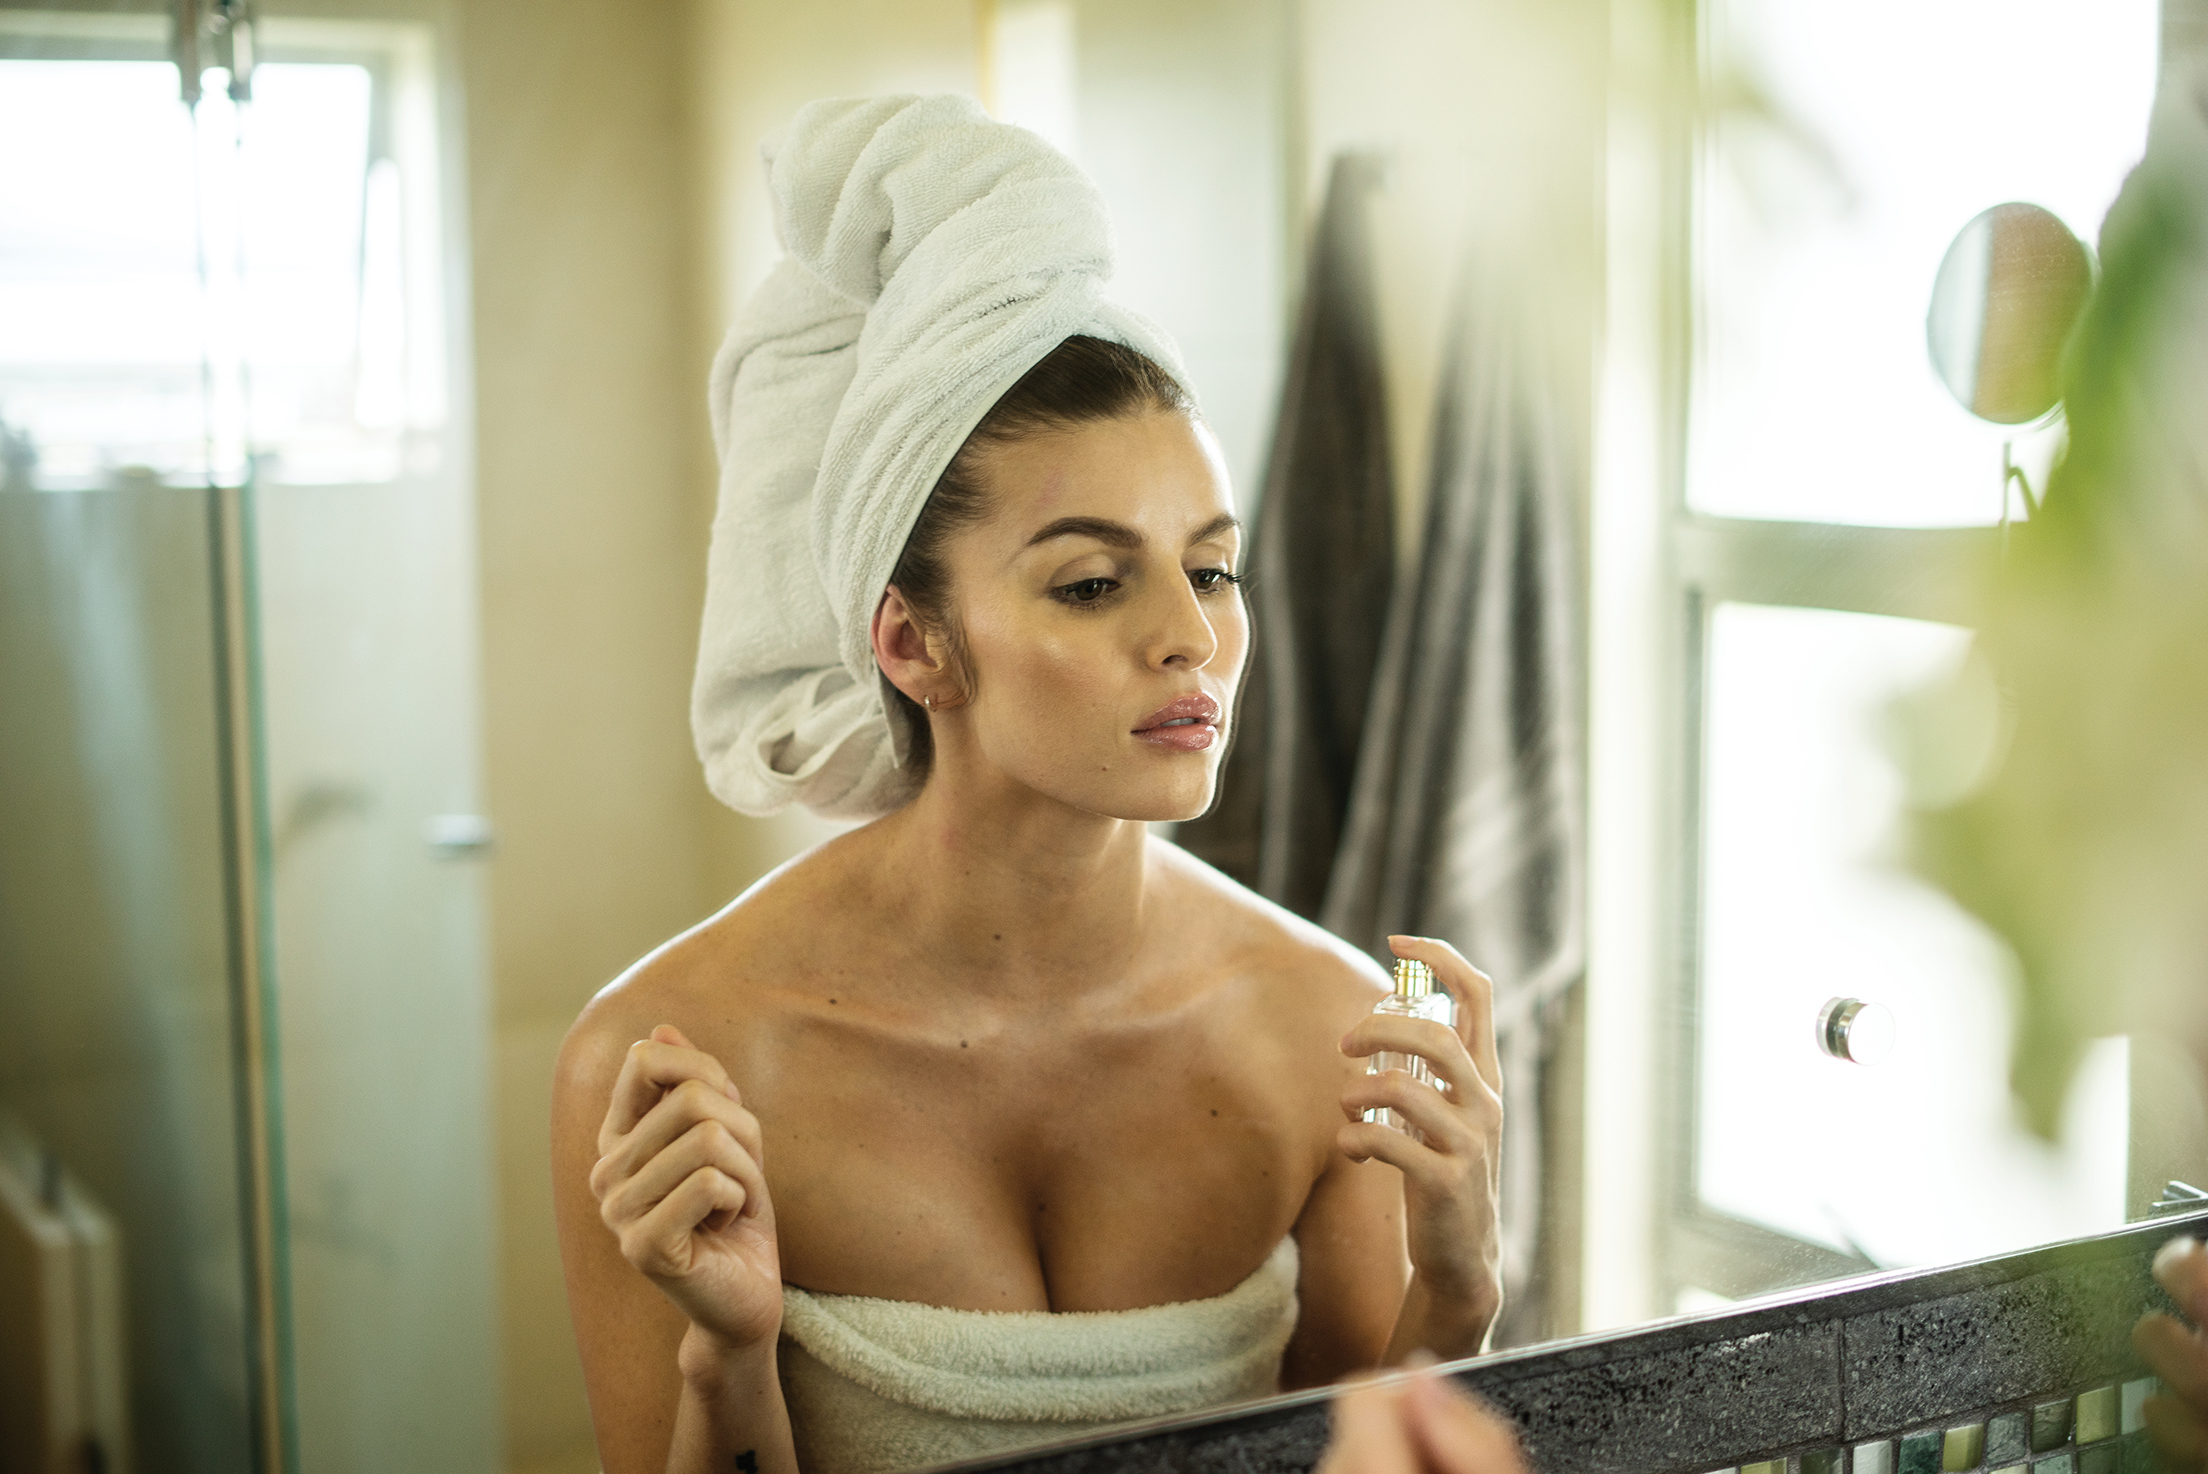 披著浴巾的女人